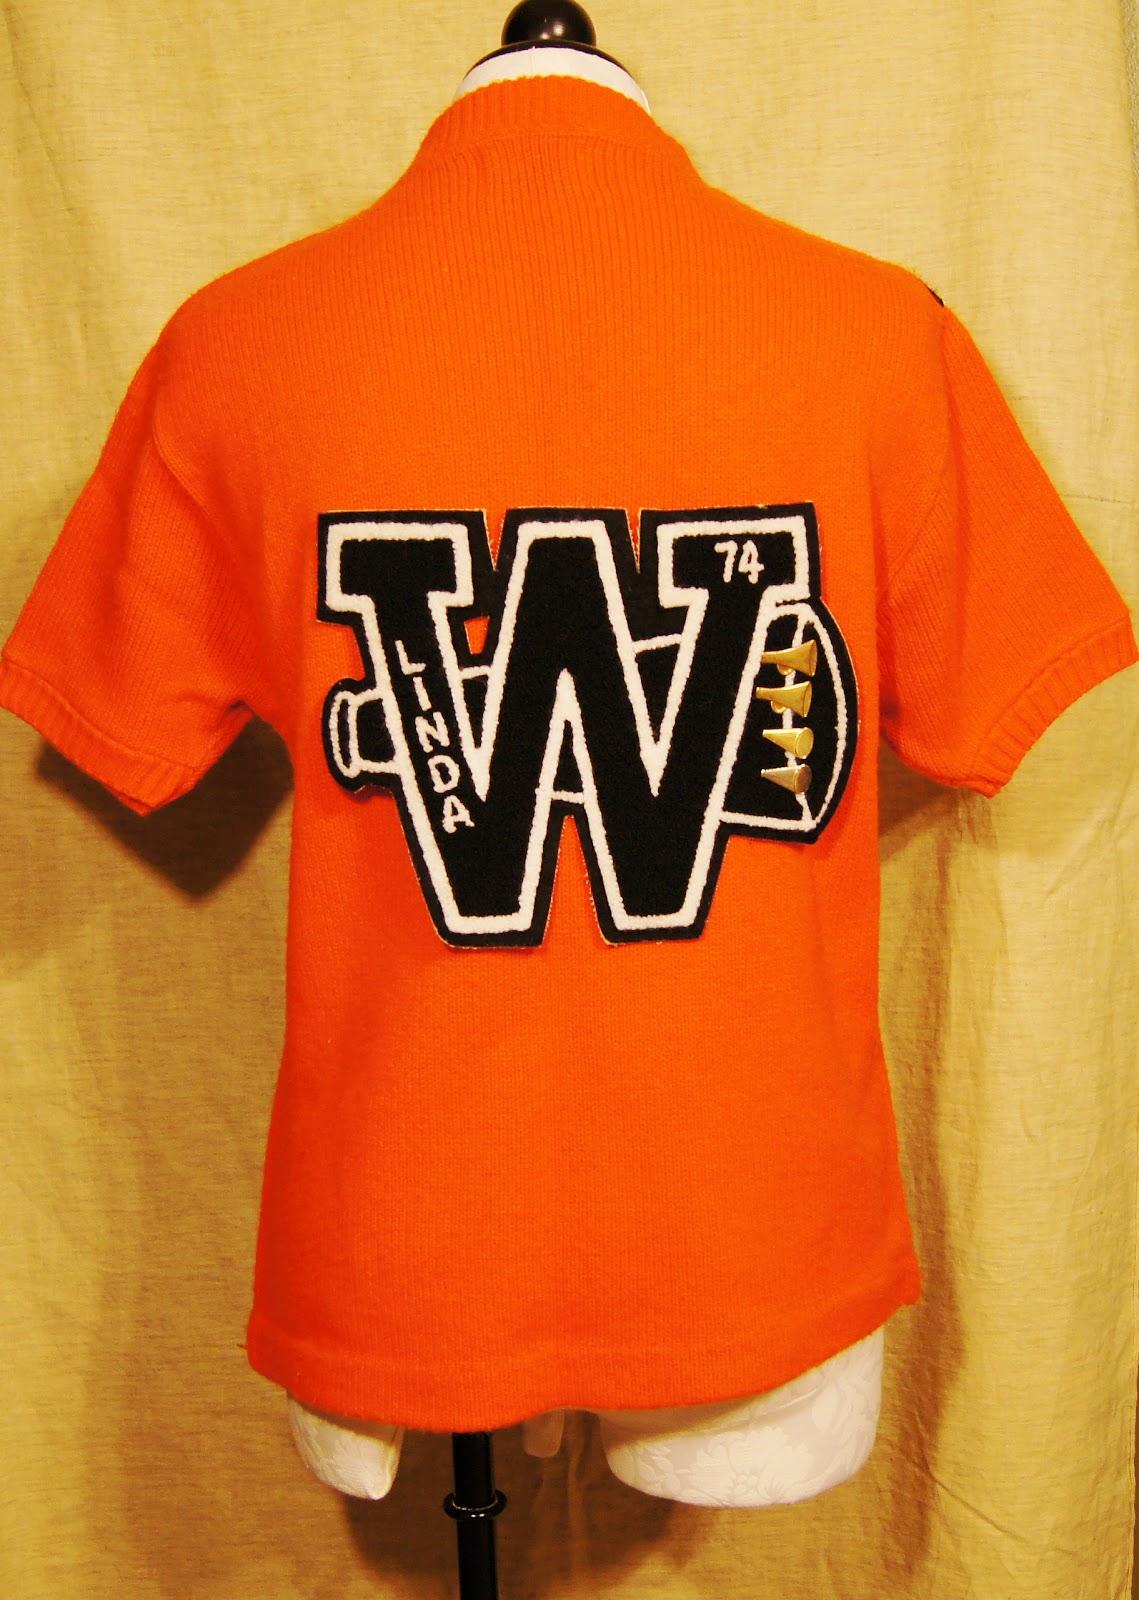 http://3.bp.blogspot.com/-5Y9-PvUzZ5E/TtxLk11cHGI/AAAAAAAAALE/_fPU4Lx2afQ/s1600/cheer%2Bsweater%2Bback%2Bletter.JPG